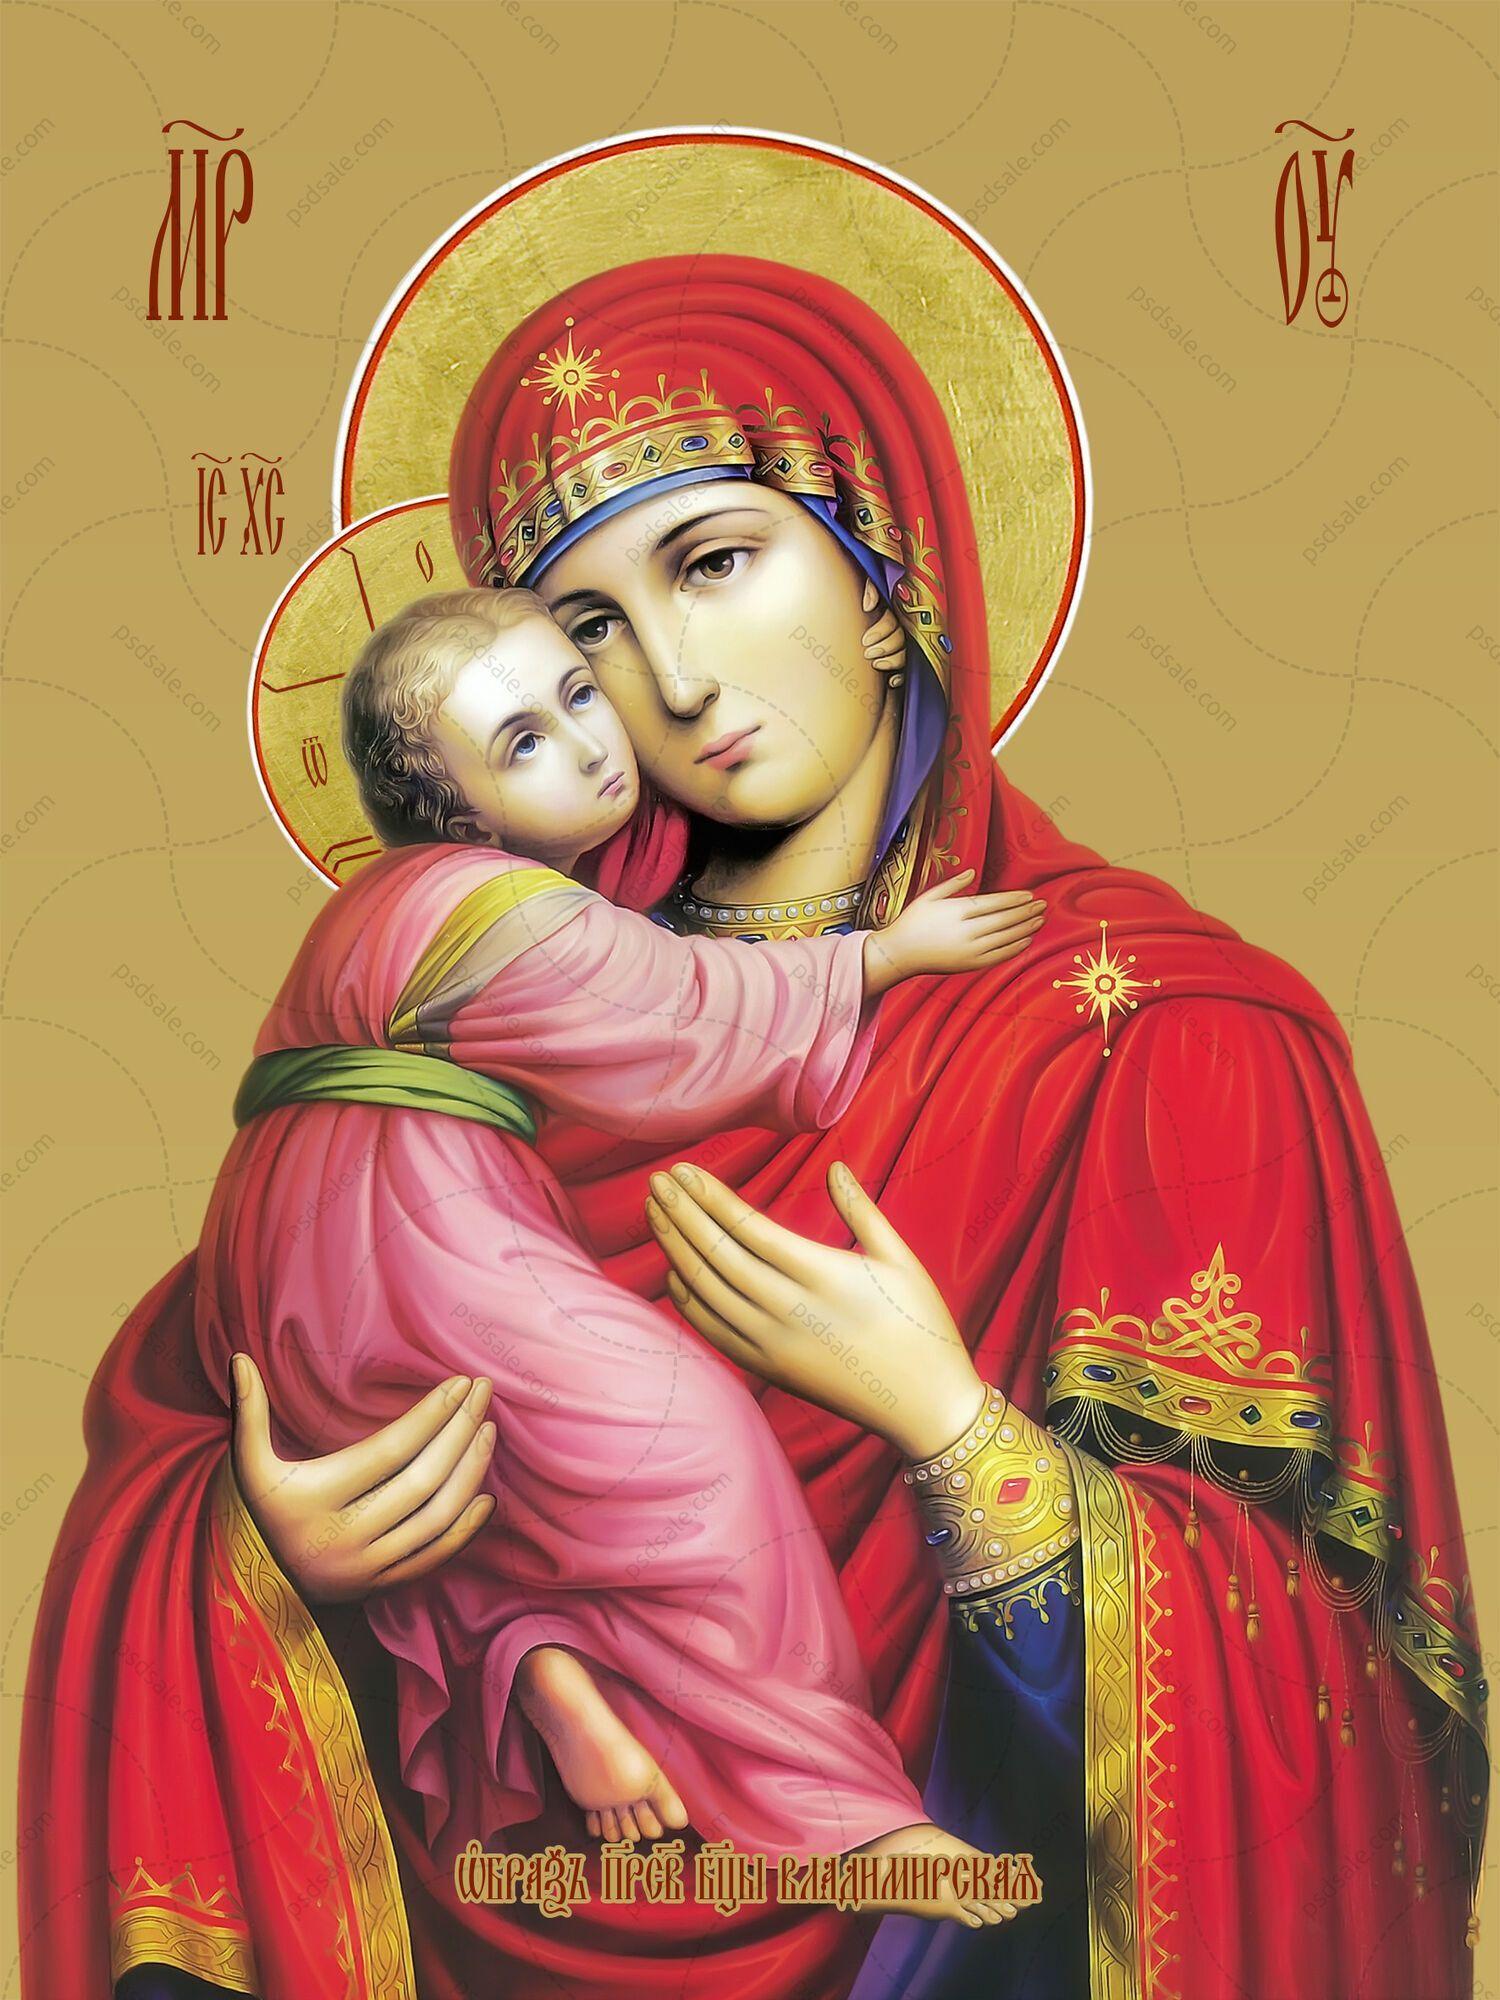 В 1131 году Владимирская икона Богородицы была привезена из Византии в Киевскую Русь